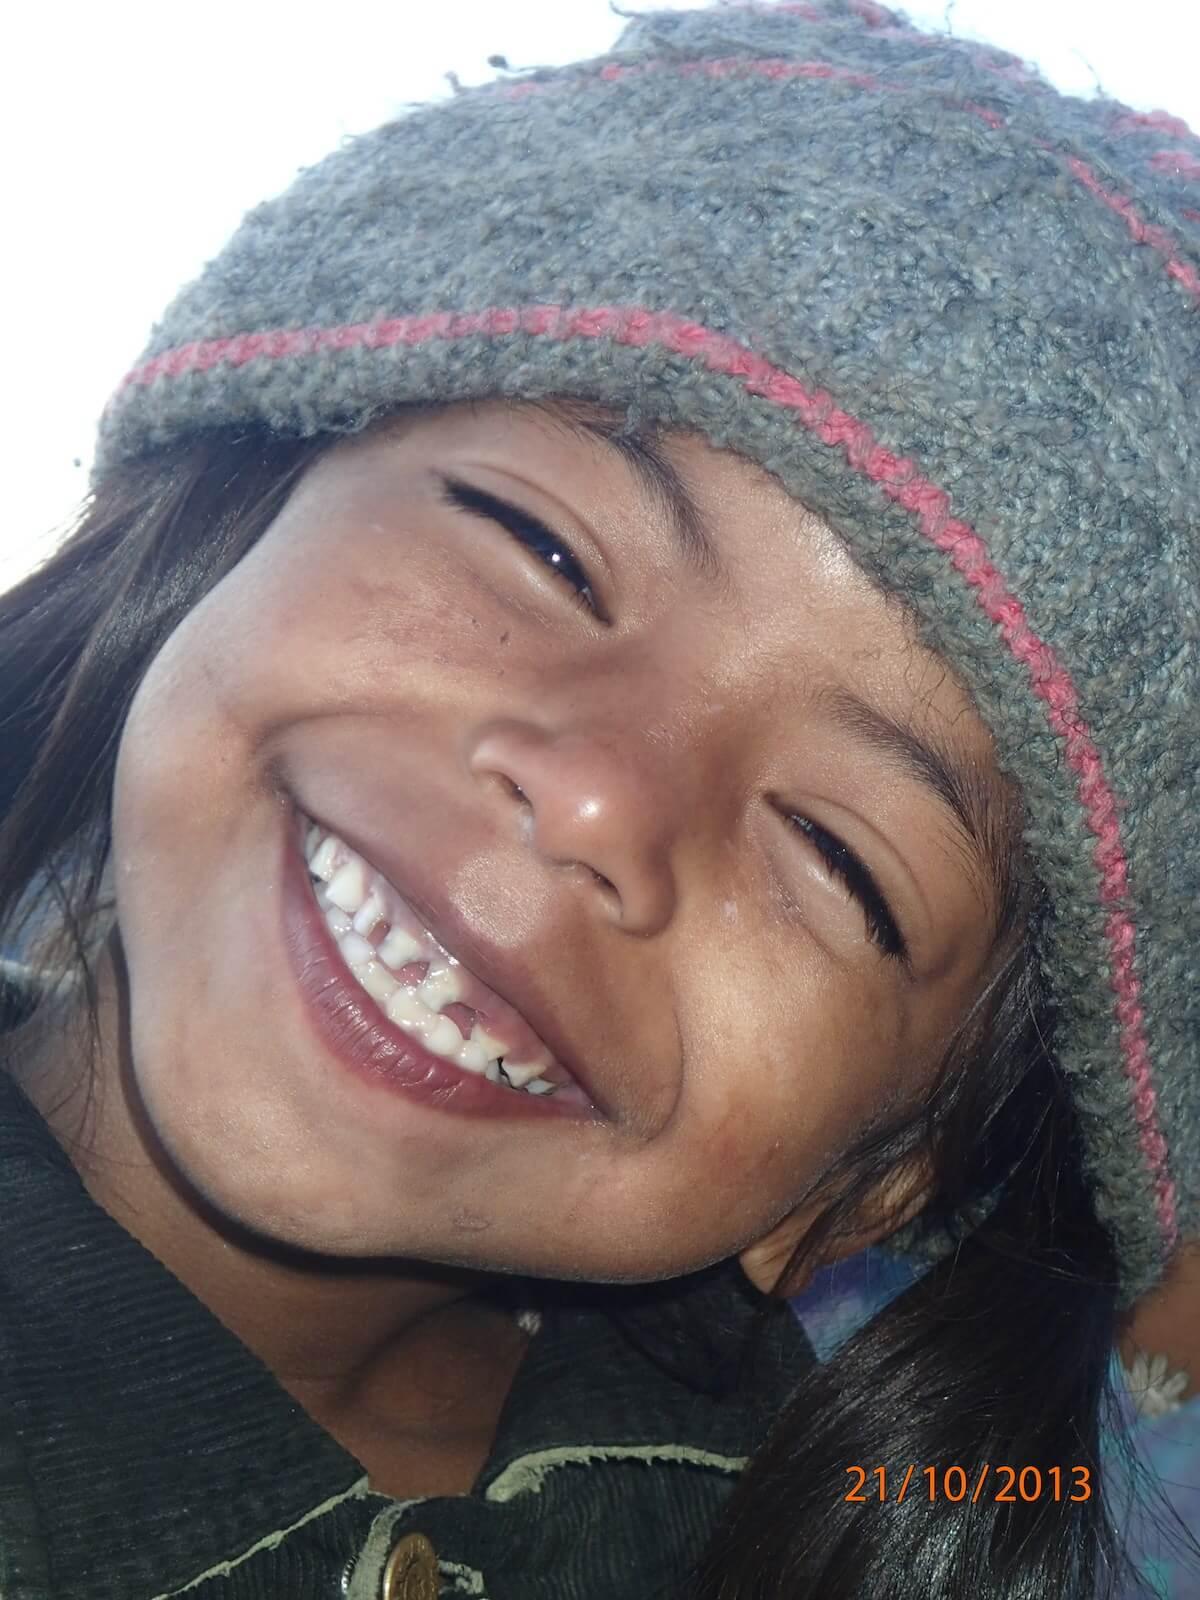 Dziecko z wioski Gandrung - fot. Jerzy Kostrzewa